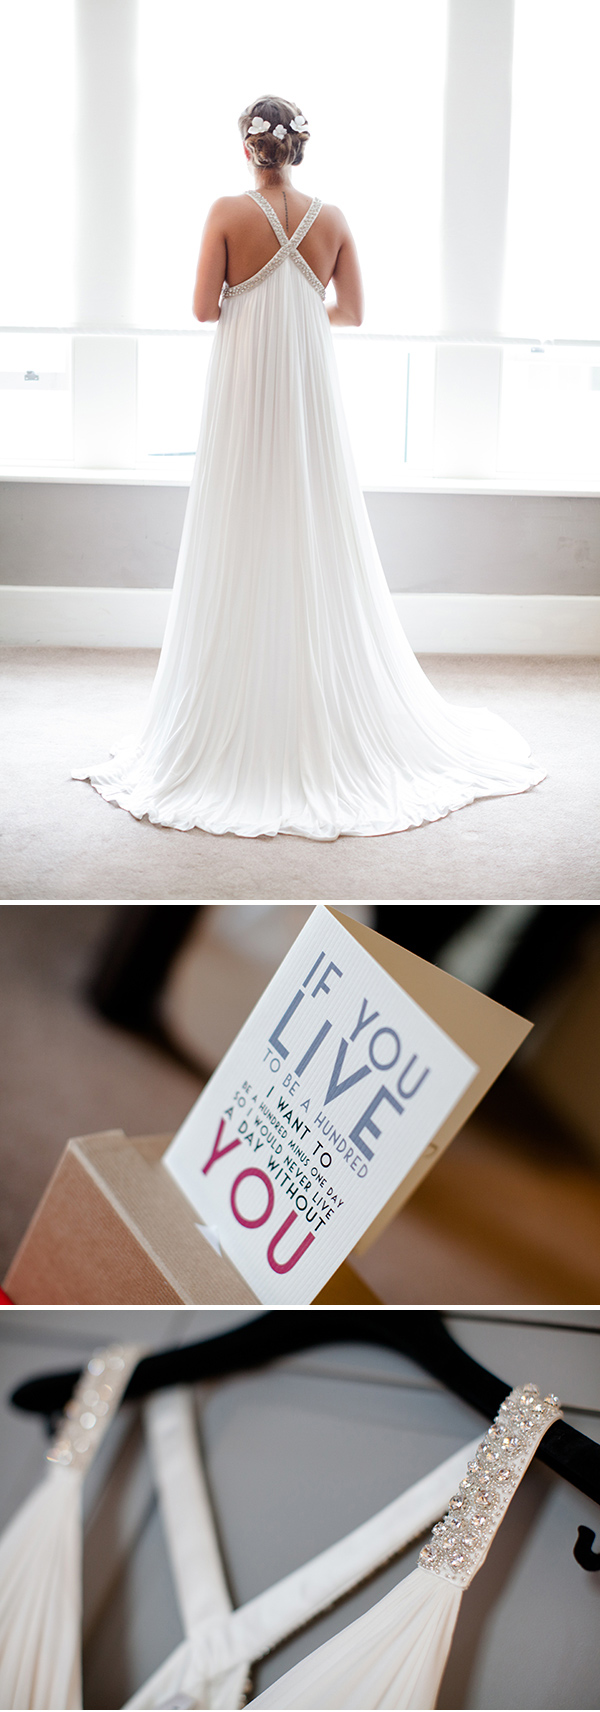 Amanda Wakeley Archives - ROCK MY WEDDING   UK WEDDING BLOG & DIRECTORY